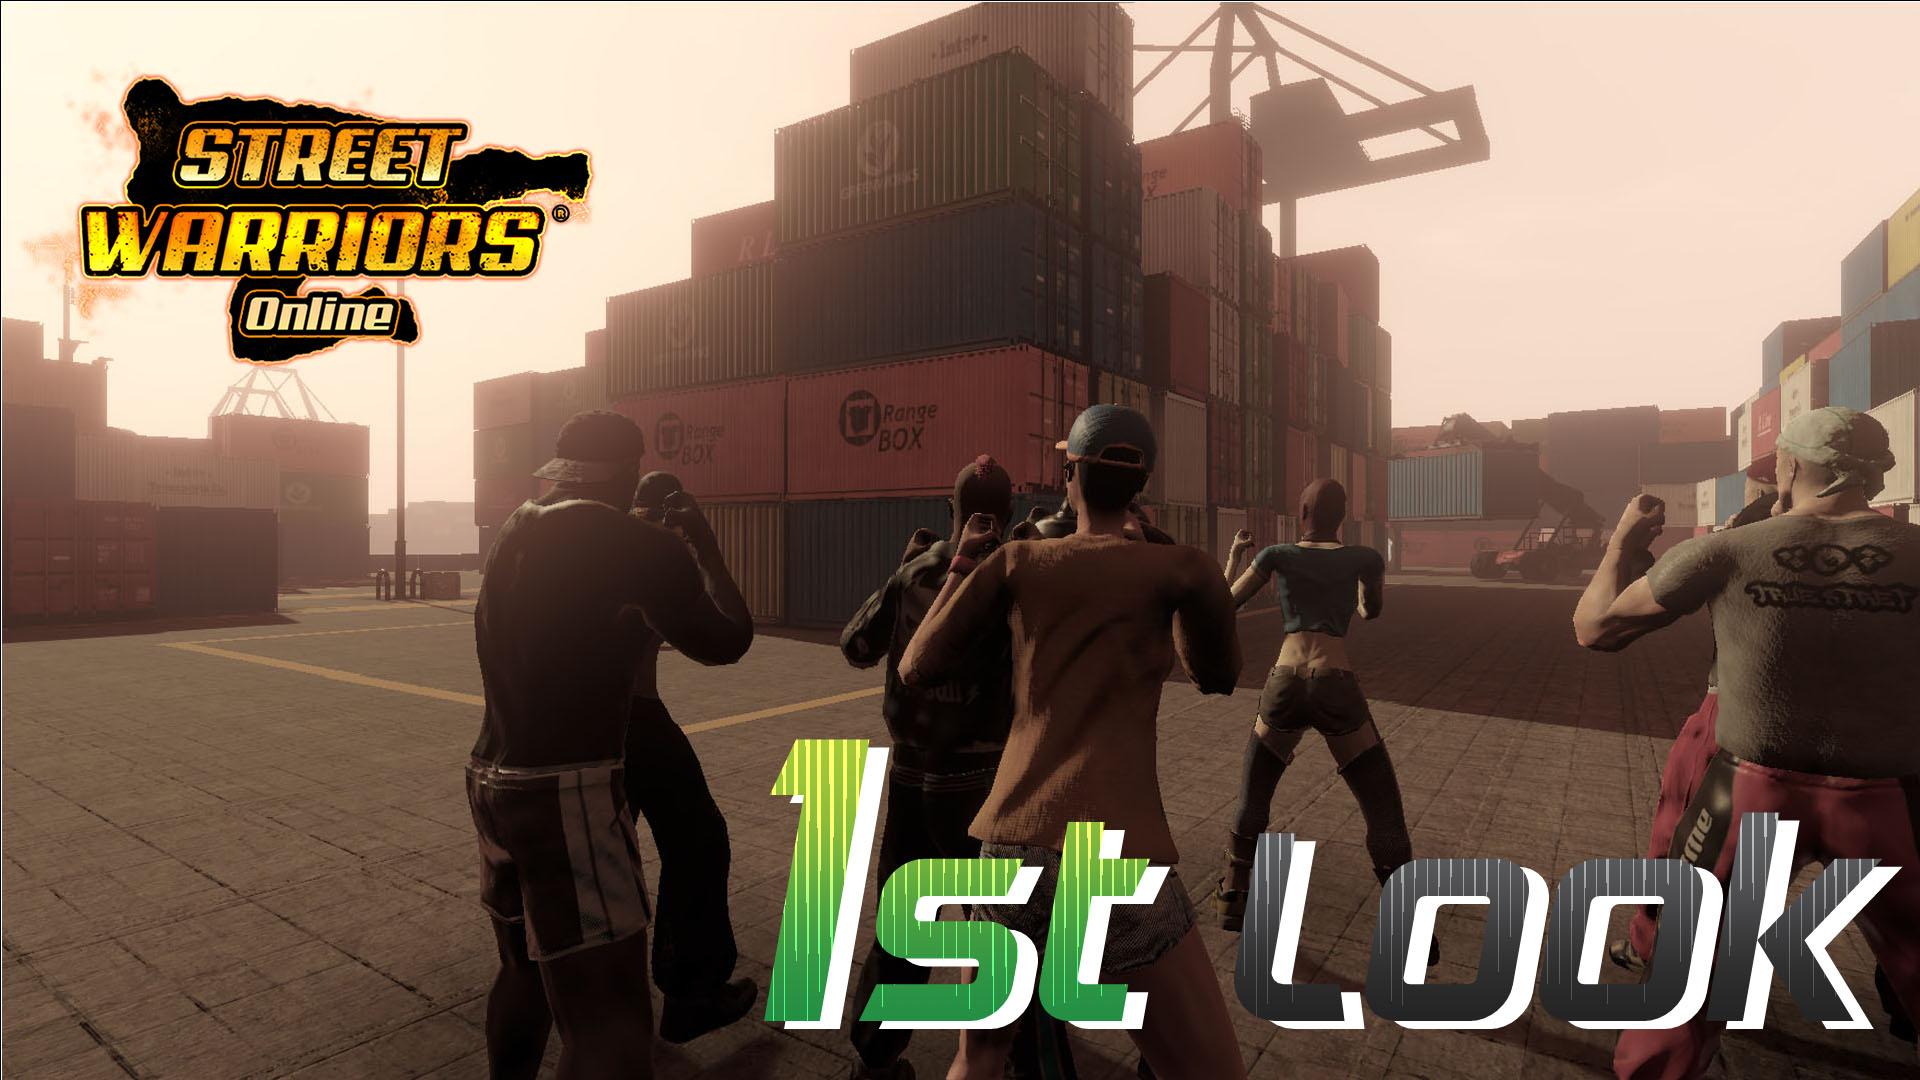 Street Warriors Online - First Look